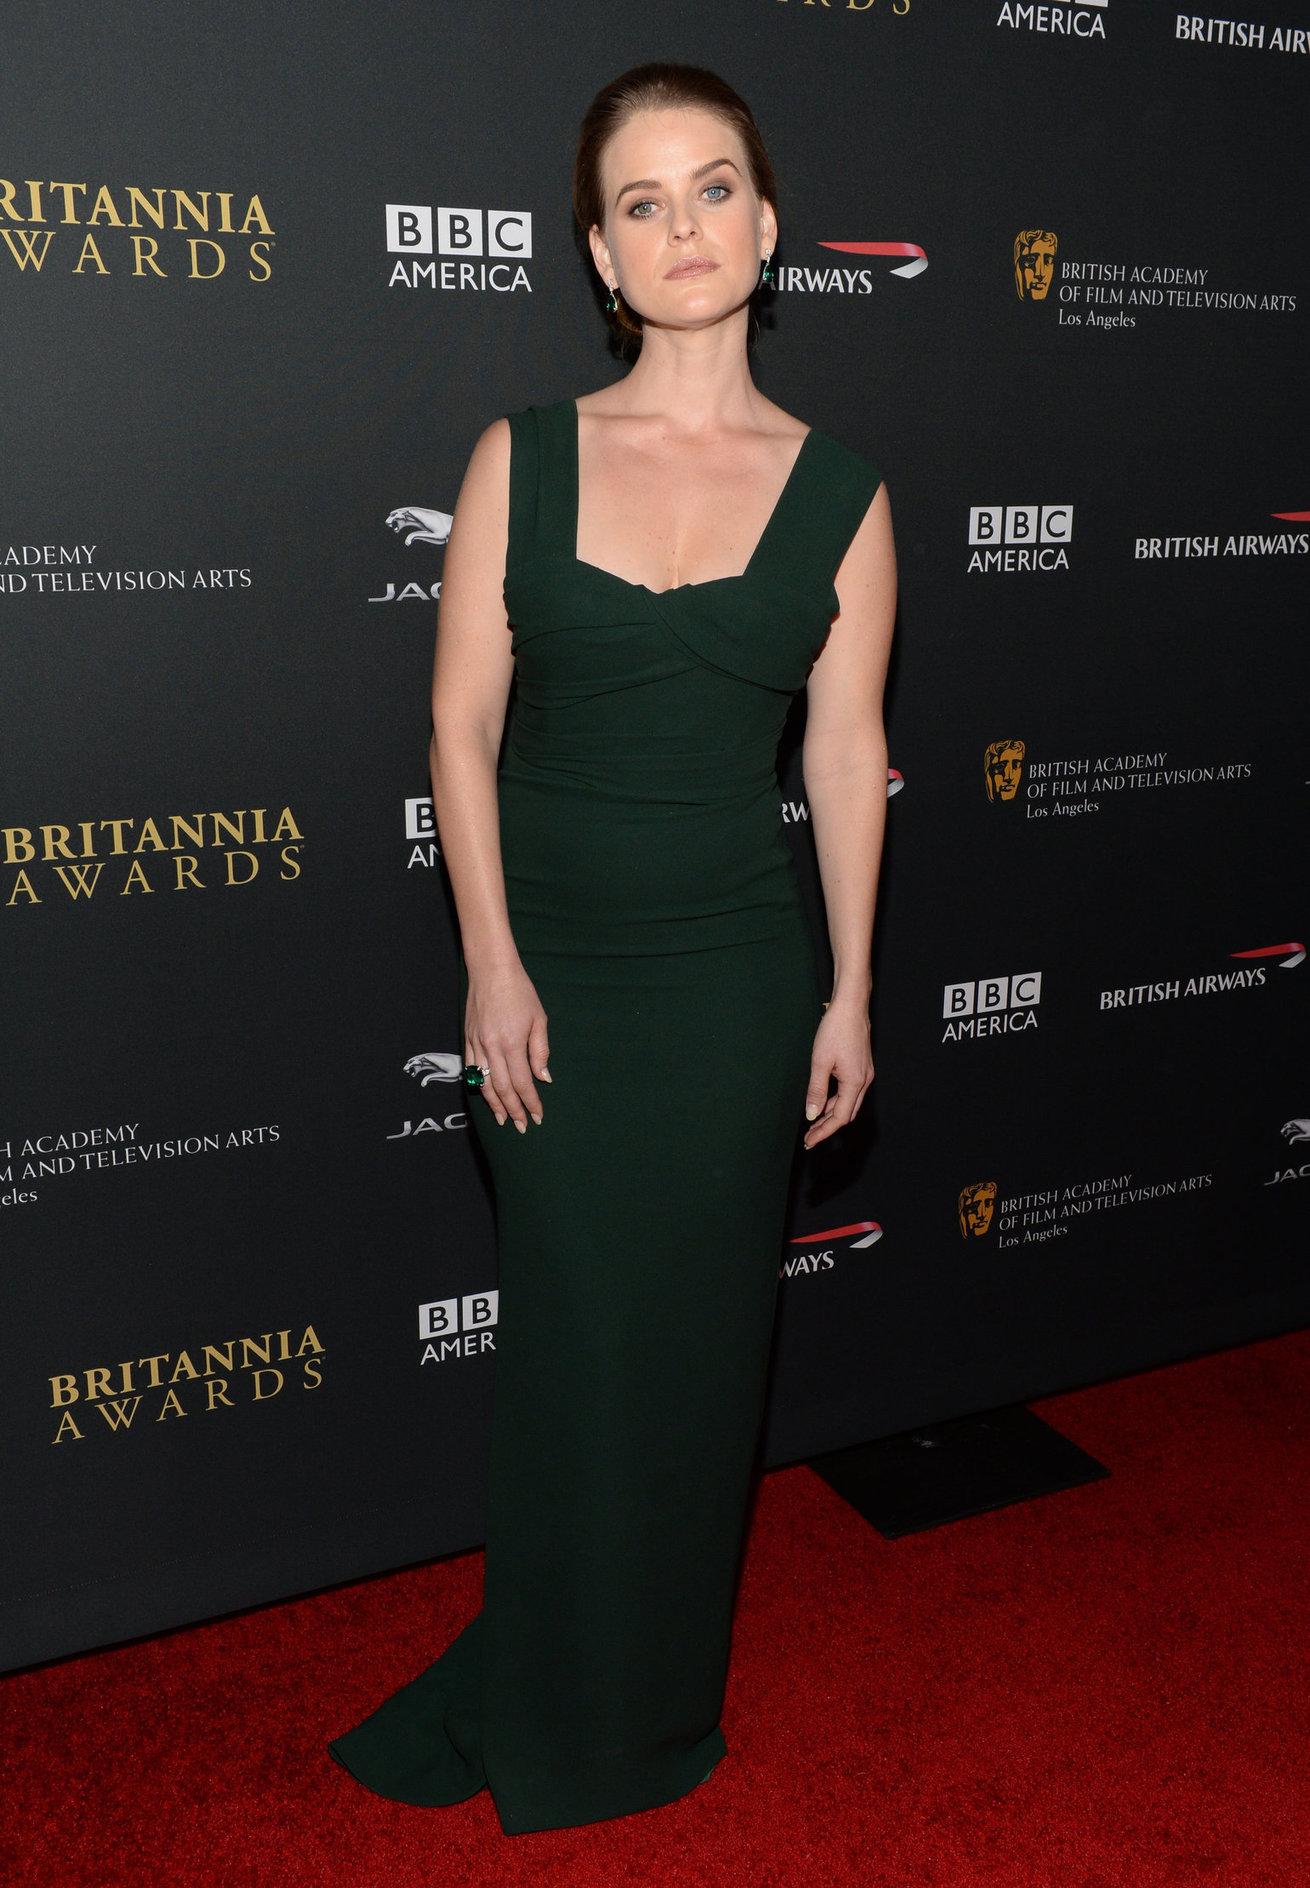 Alice Eve – BAFTA Los Angeles Britannia Awards 11/9/13